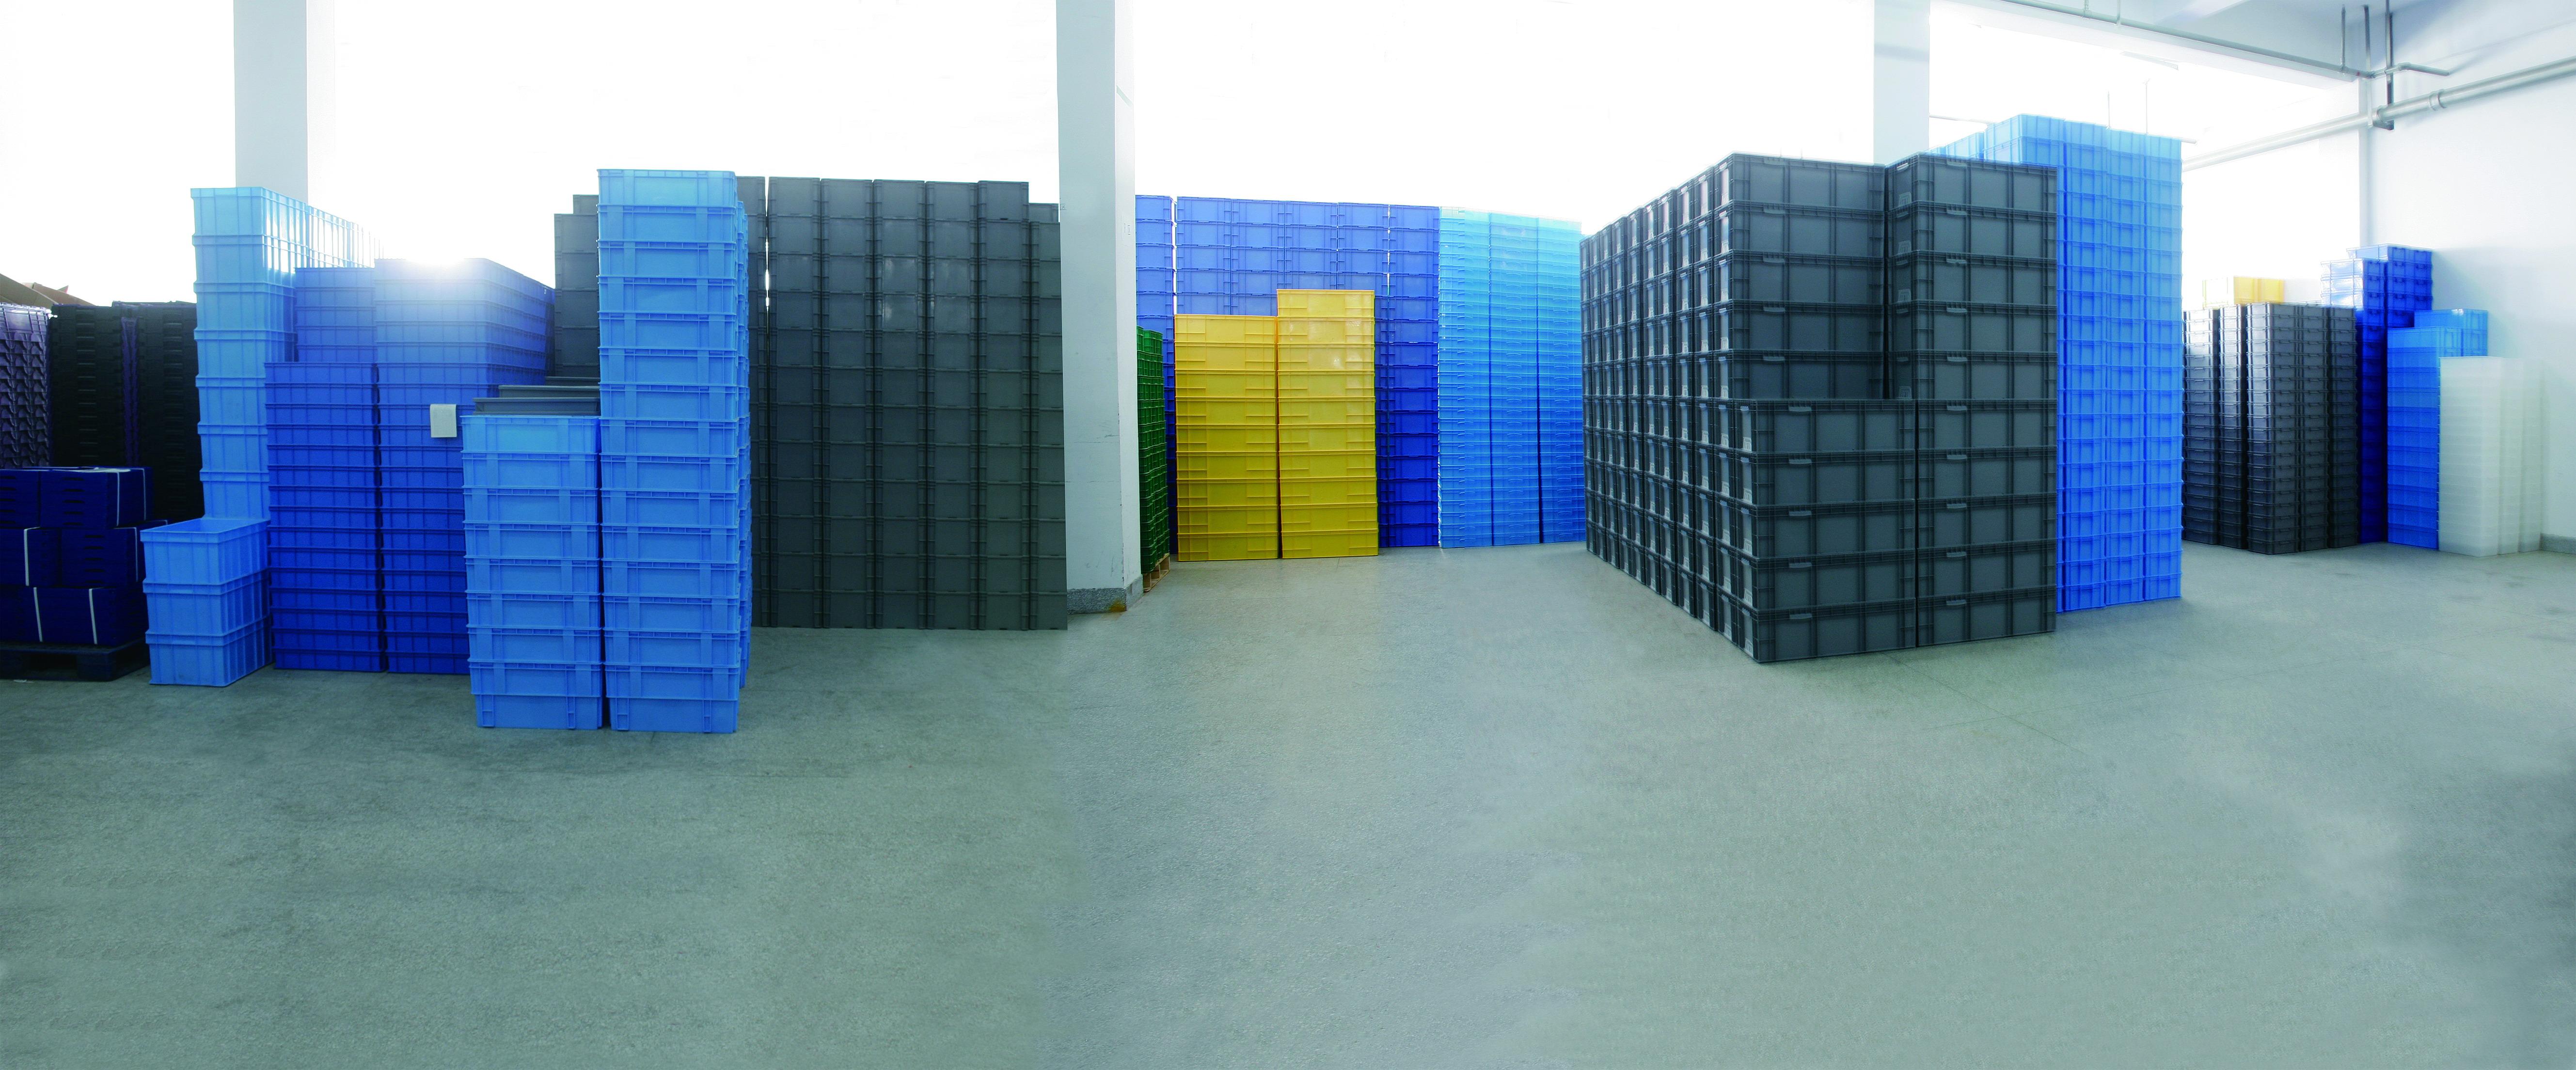 苏州工业园区富事达塑业有限责任公司(苏州塑料一厂)货物存储